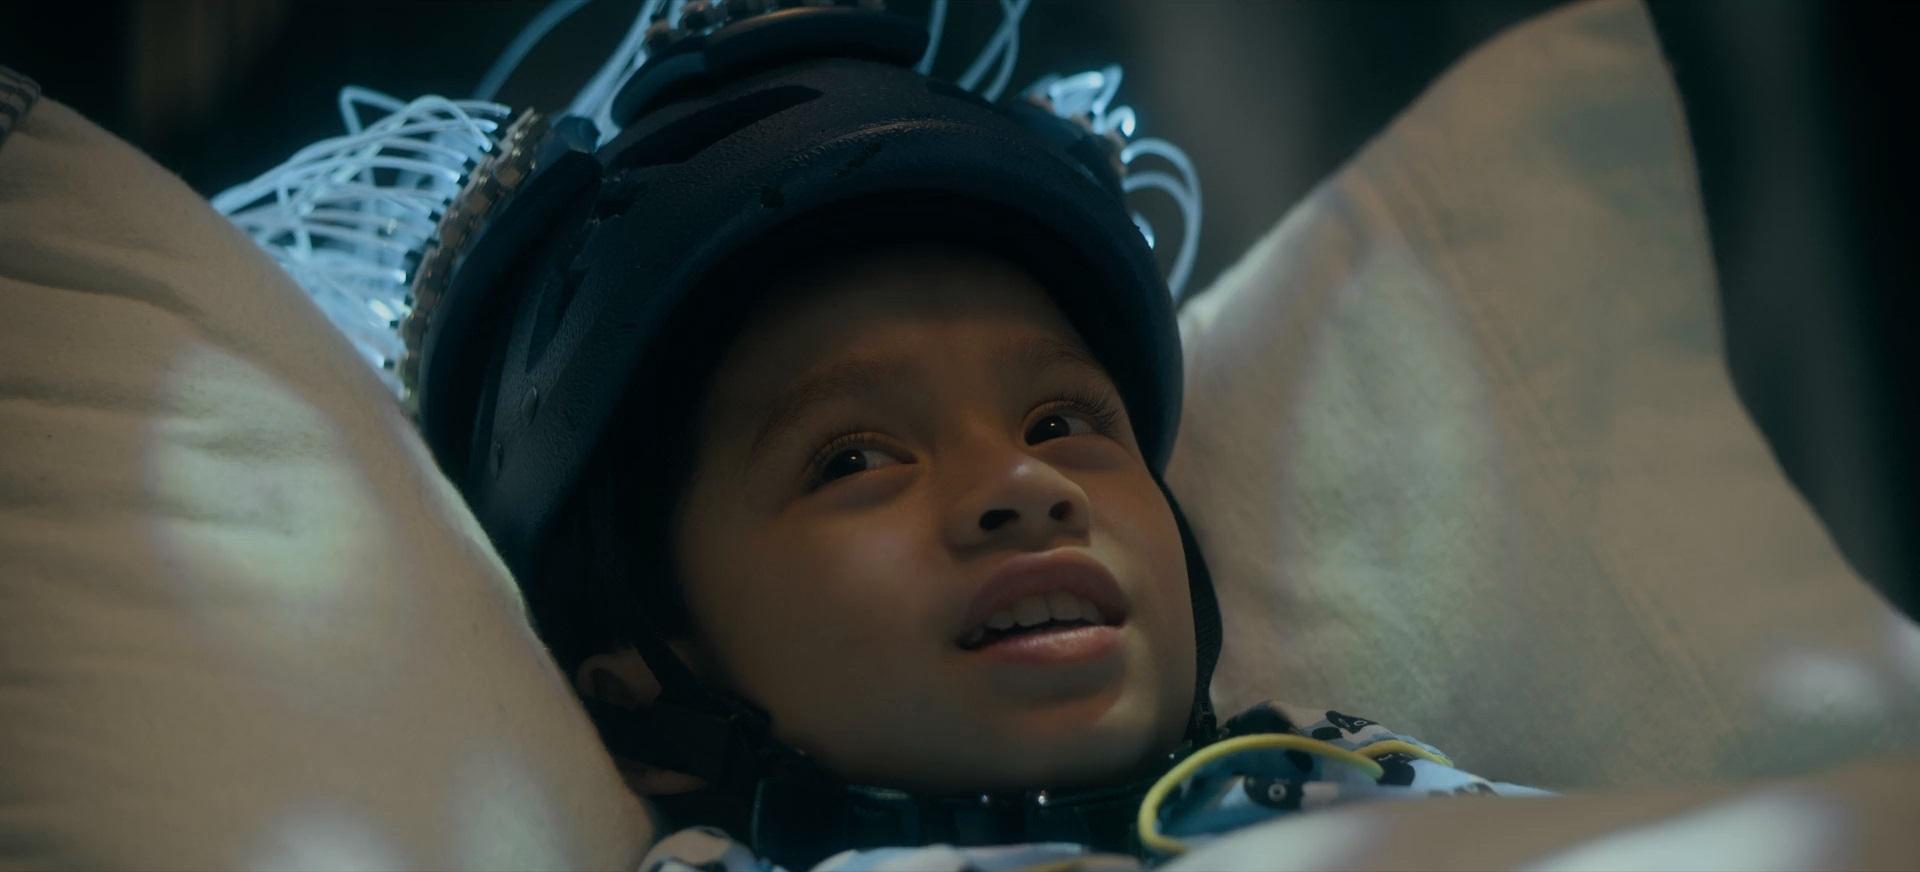 Bebek Bakıcısının Canavar Avlama Rehberi   2020   WEB-DL   XviD   Türkçe Dublaj   m720p - m1080p   WEB-DL   Dual   TR-EN   Tek Link